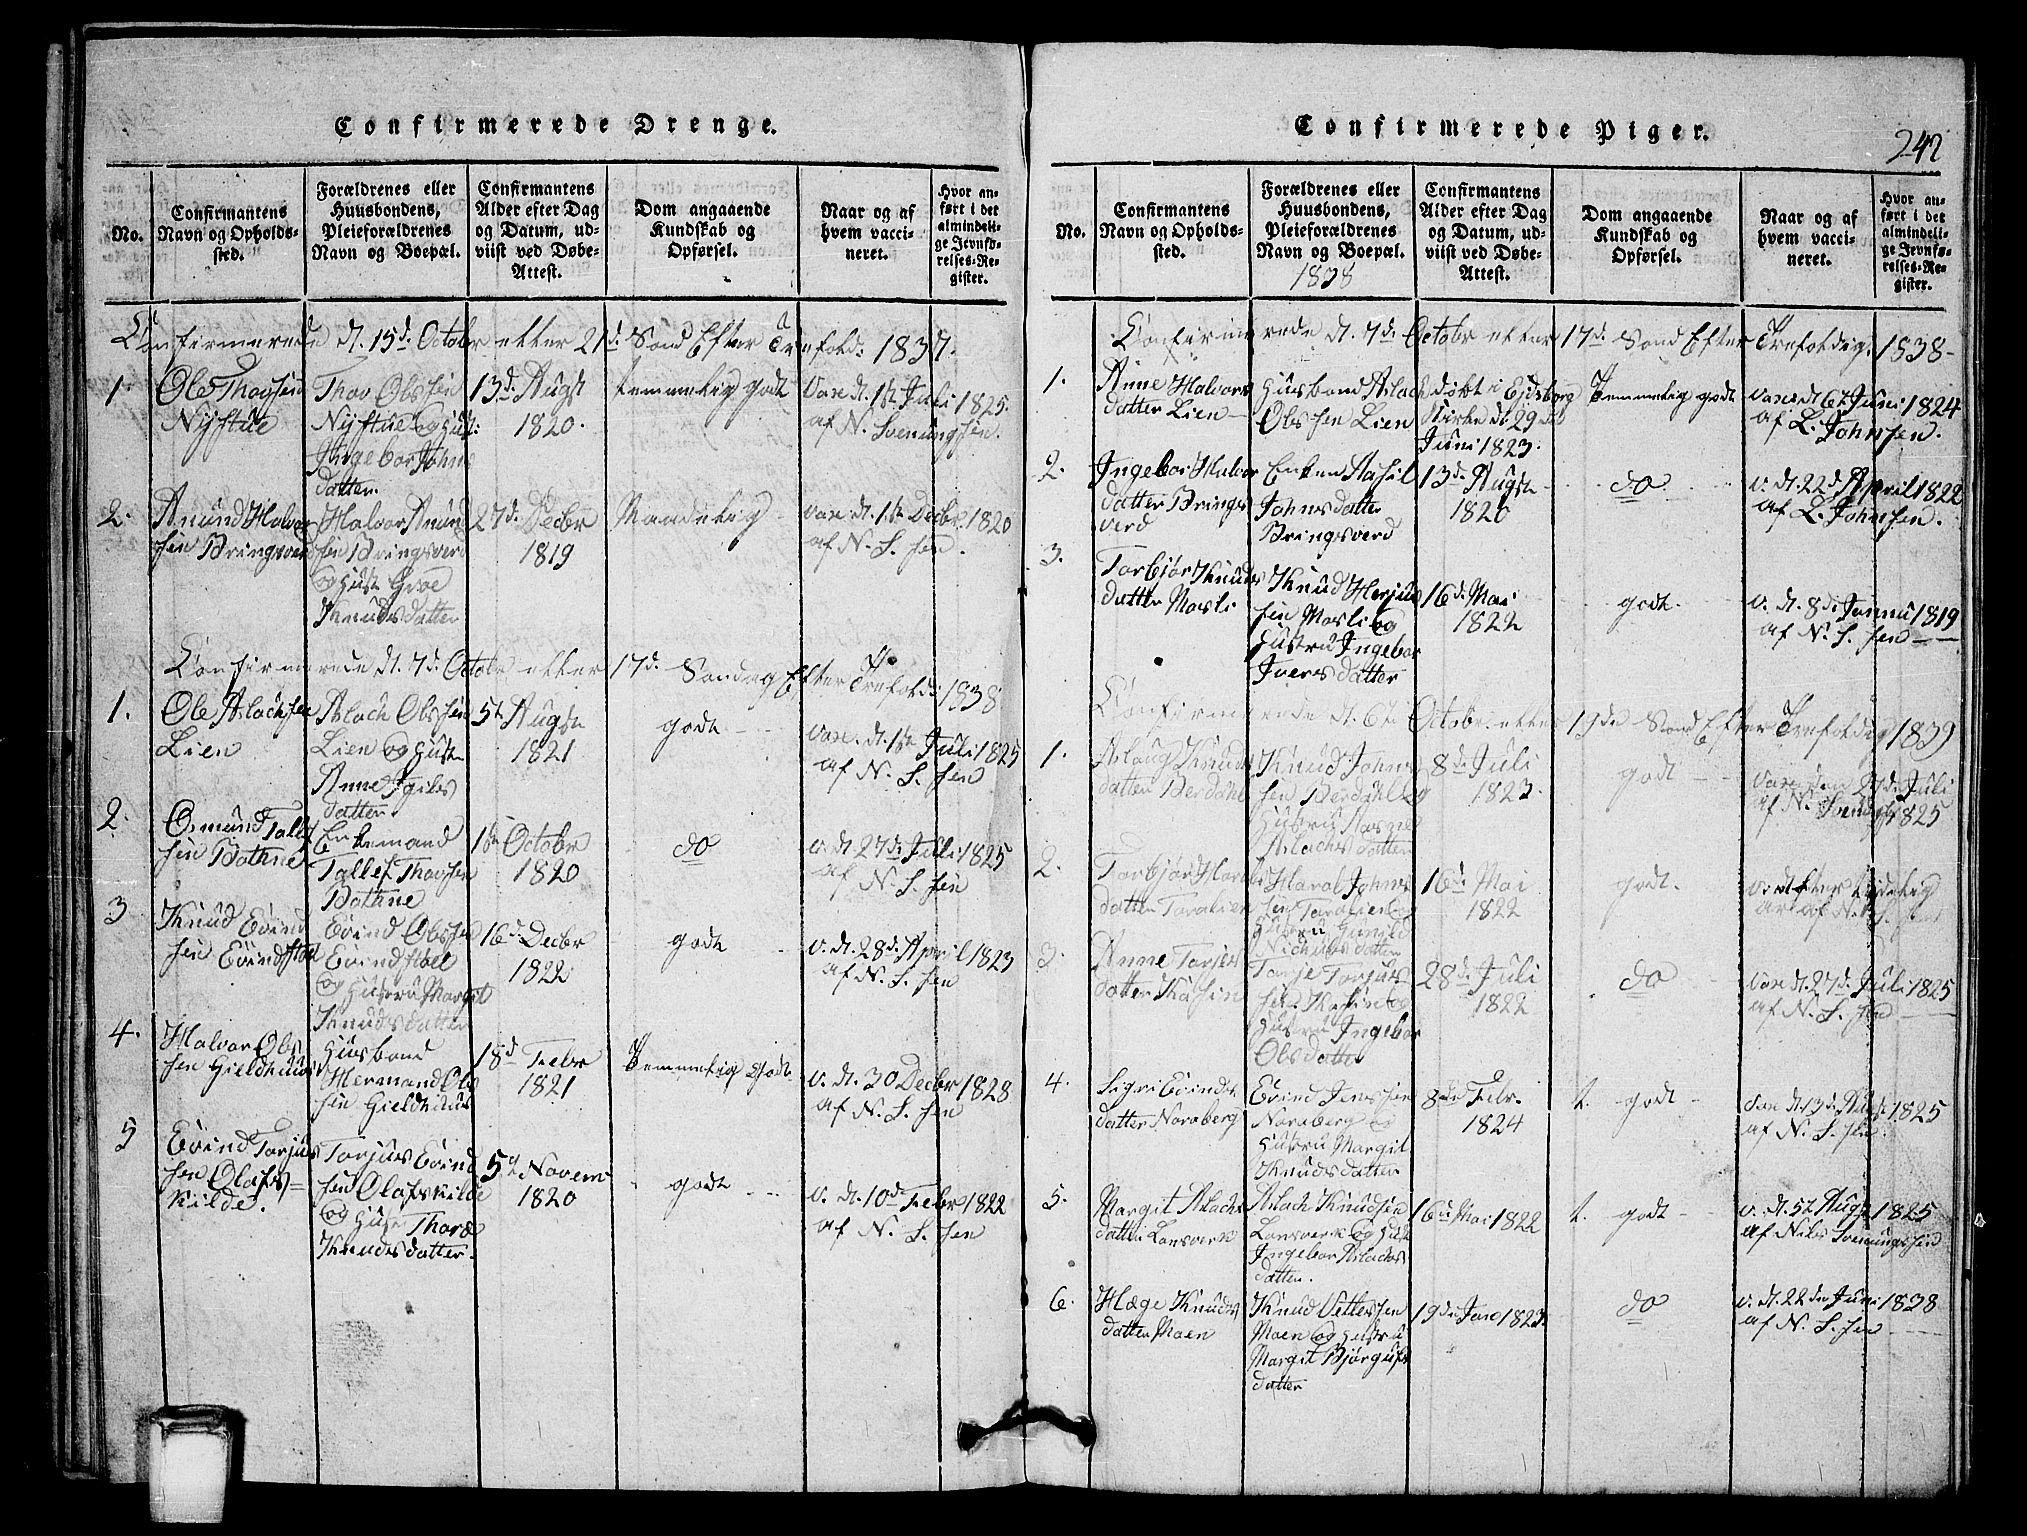 SAKO, Vinje kirkebøker, G/Gb/L0001: Klokkerbok nr. II 1, 1814-1843, s. 242